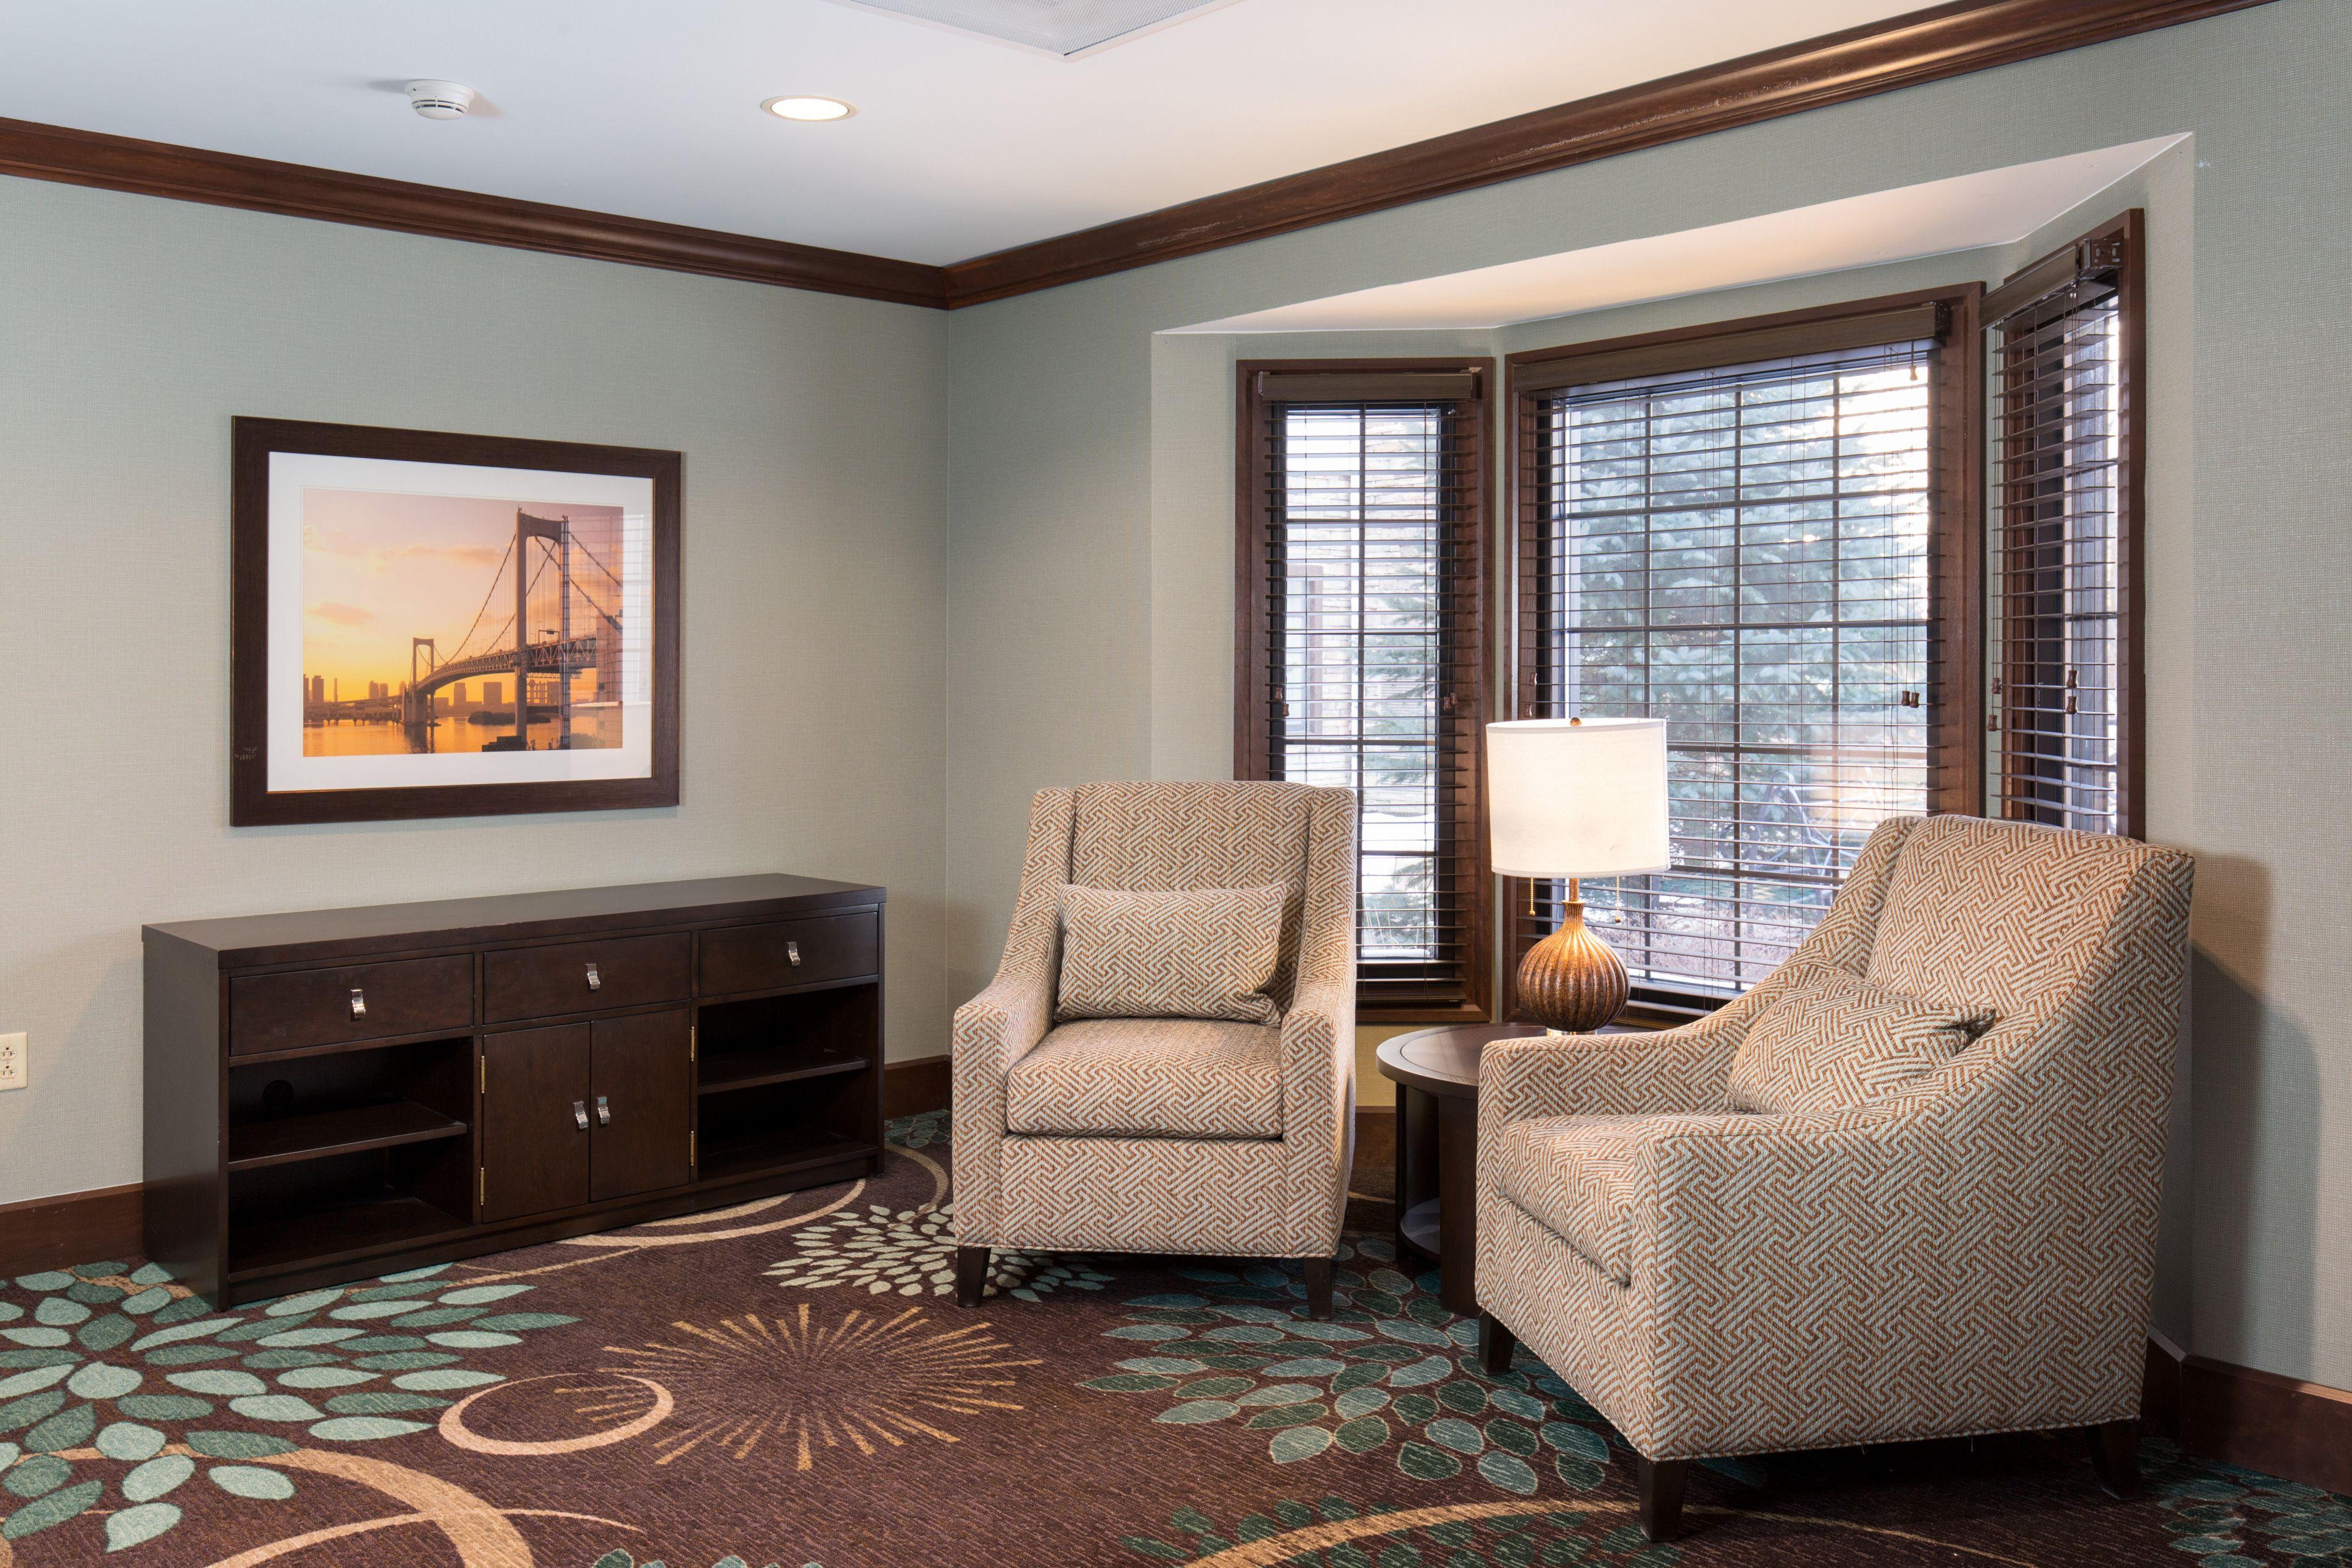 Staybridge Suites Toledo - Maumee image 3